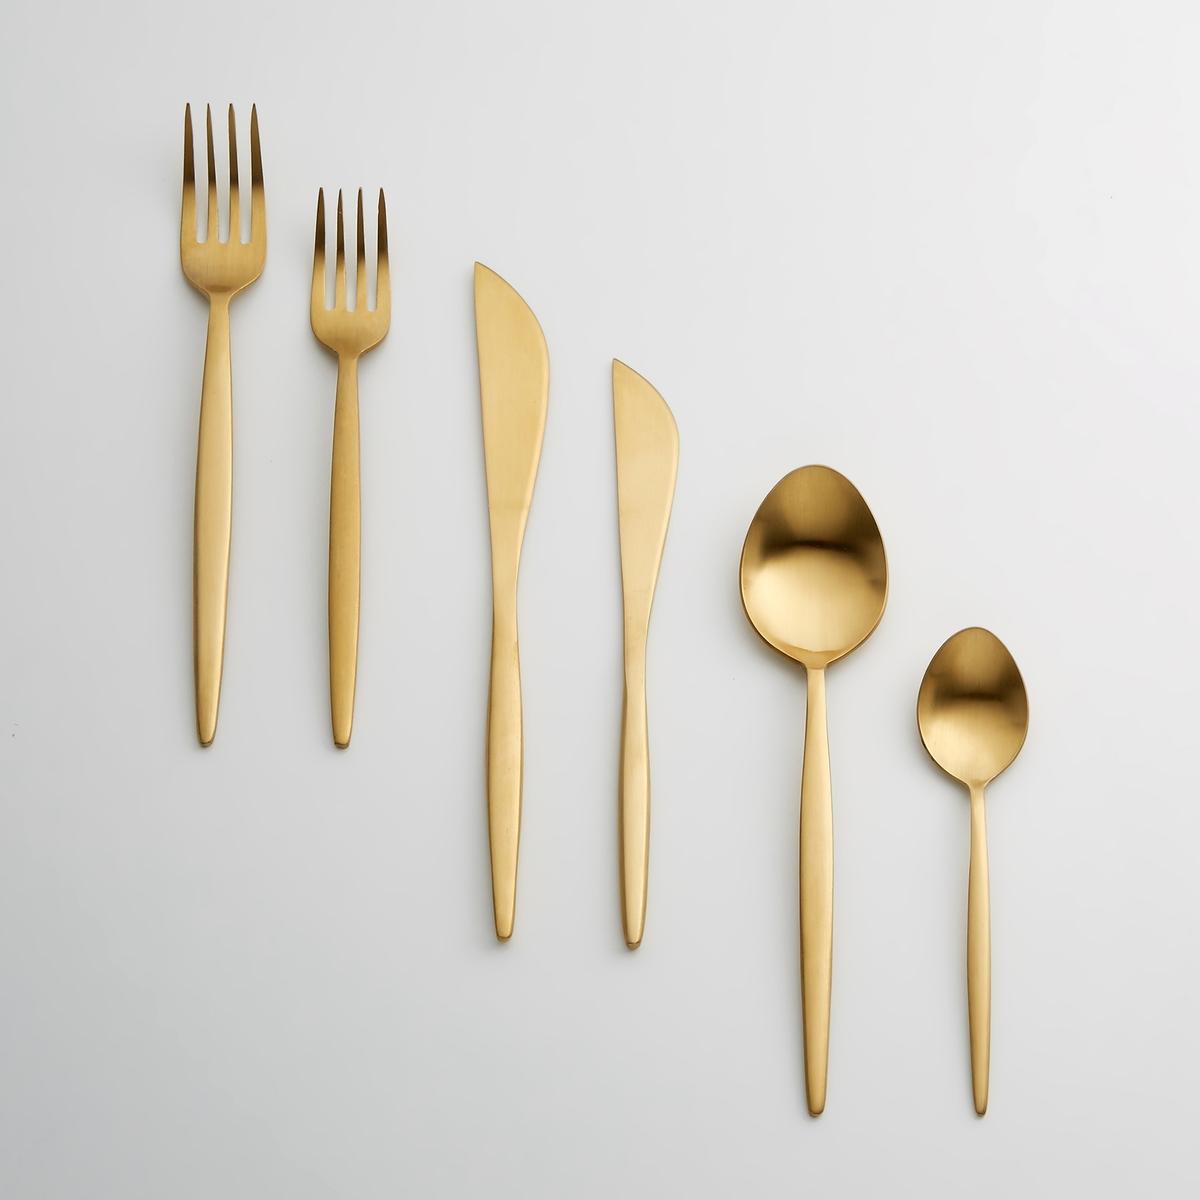 4 вилки десертных, Menella<br><br>Цвет: золотистый<br>Размер: единый размер